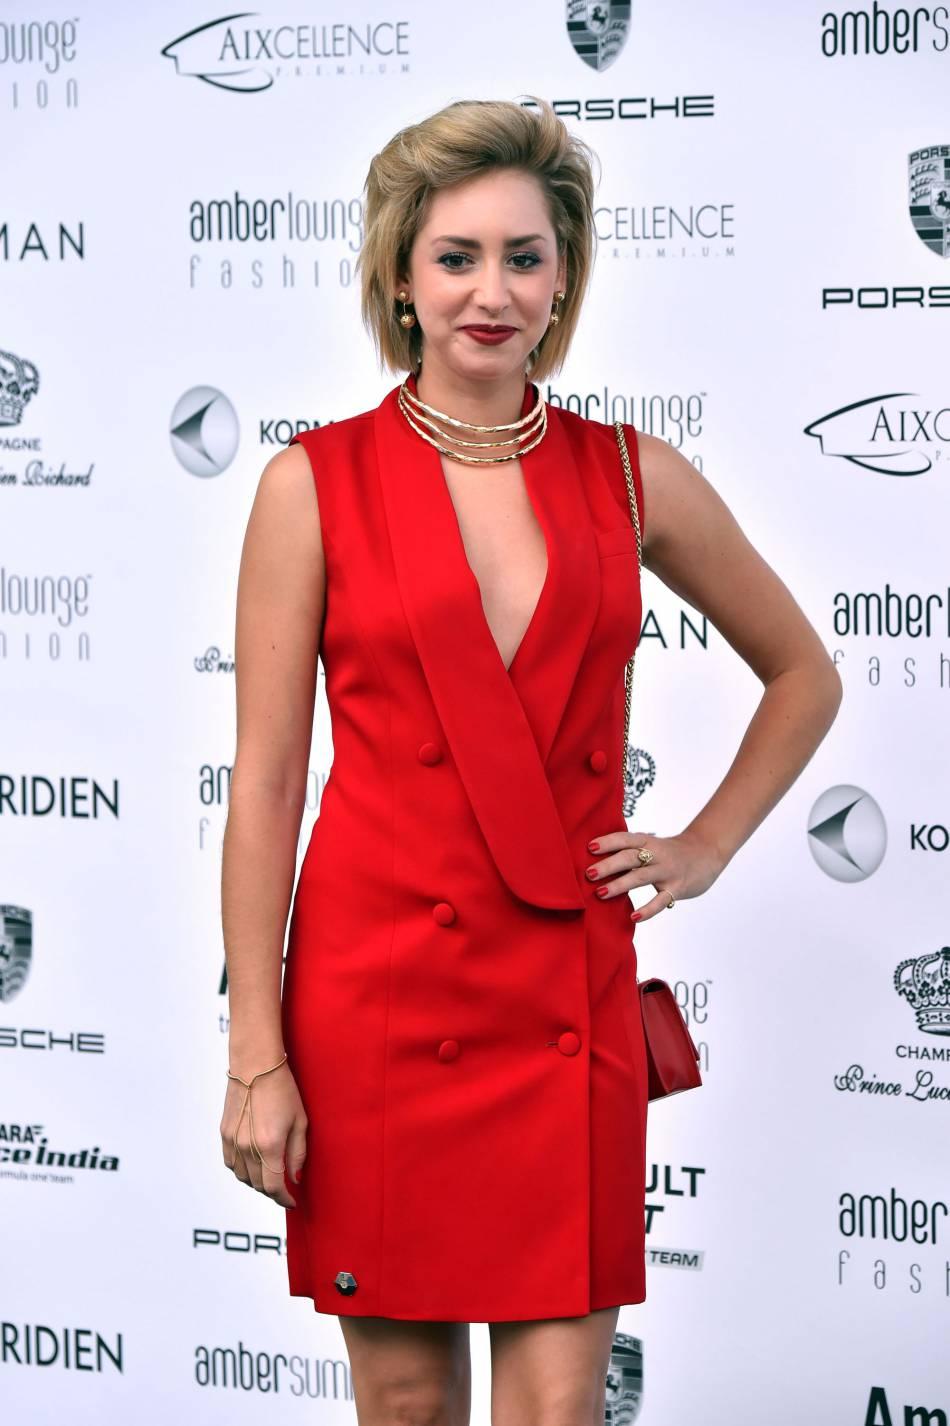 Jazmin Grace Grimaldi (la fille du Prince Albert II de Monaco) à la soirée Amber Lounge au Meridien Beach Plaza, dans le cadre du 74ème Grand Prix de Monaco, le 27 mai 2016.